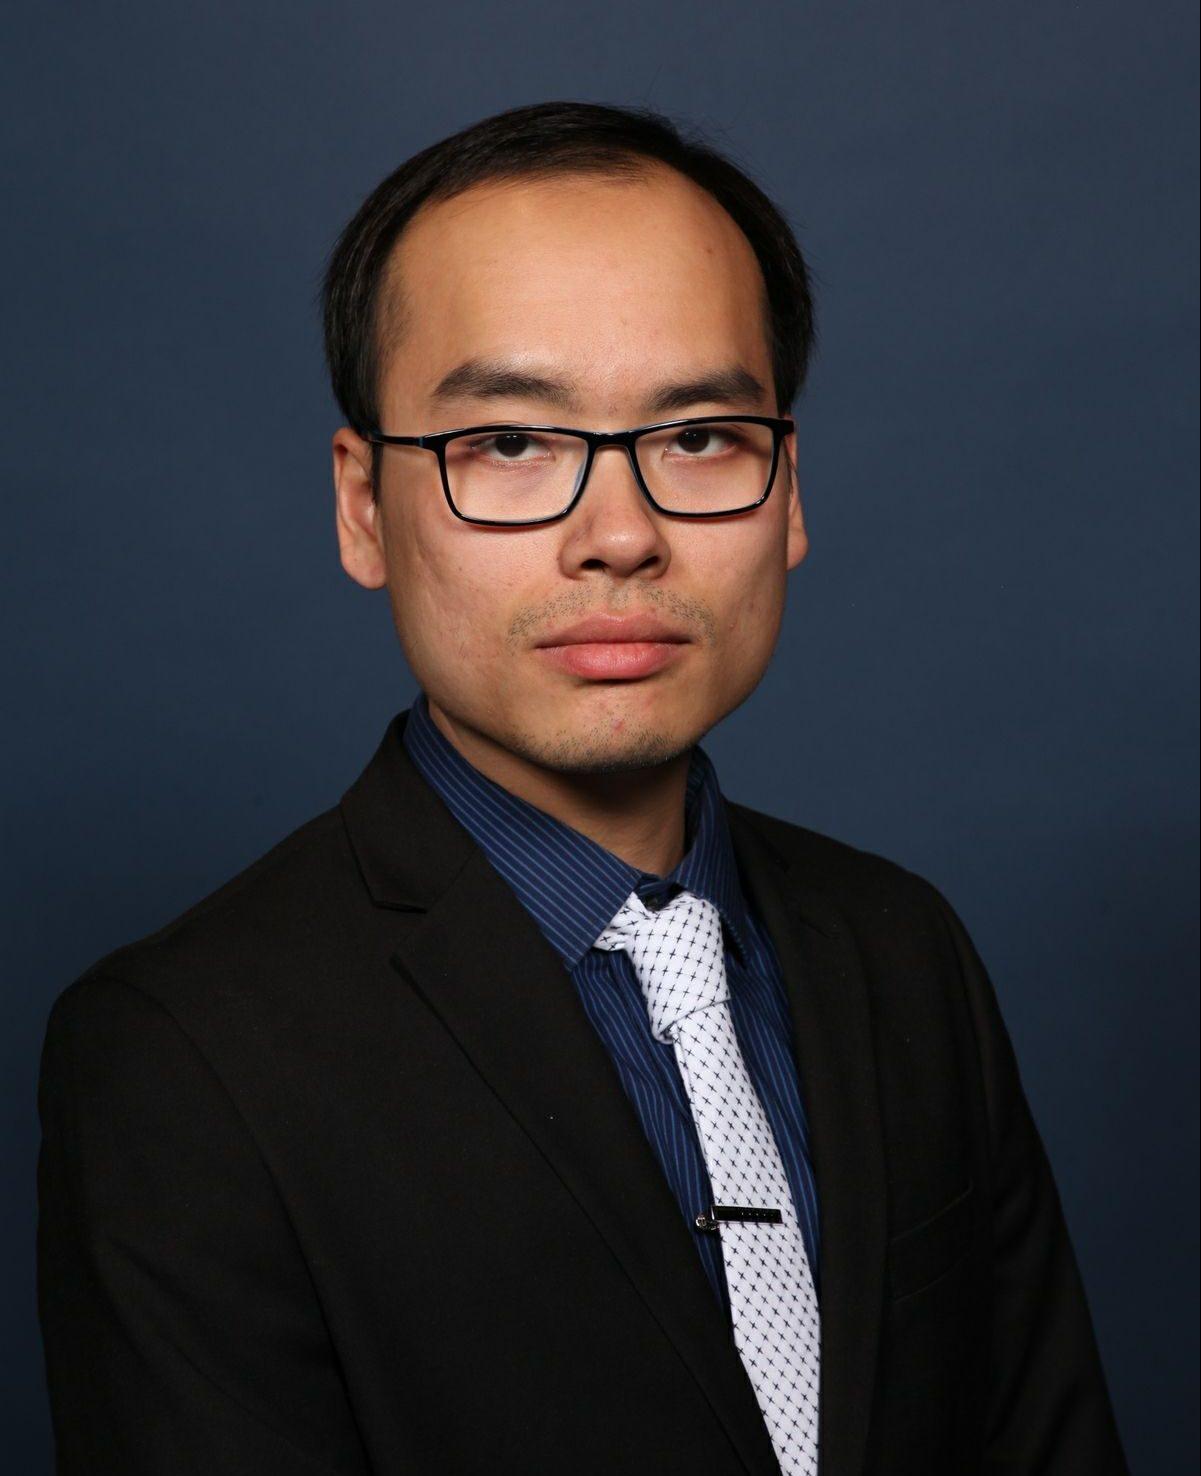 Anh Tran, PhD